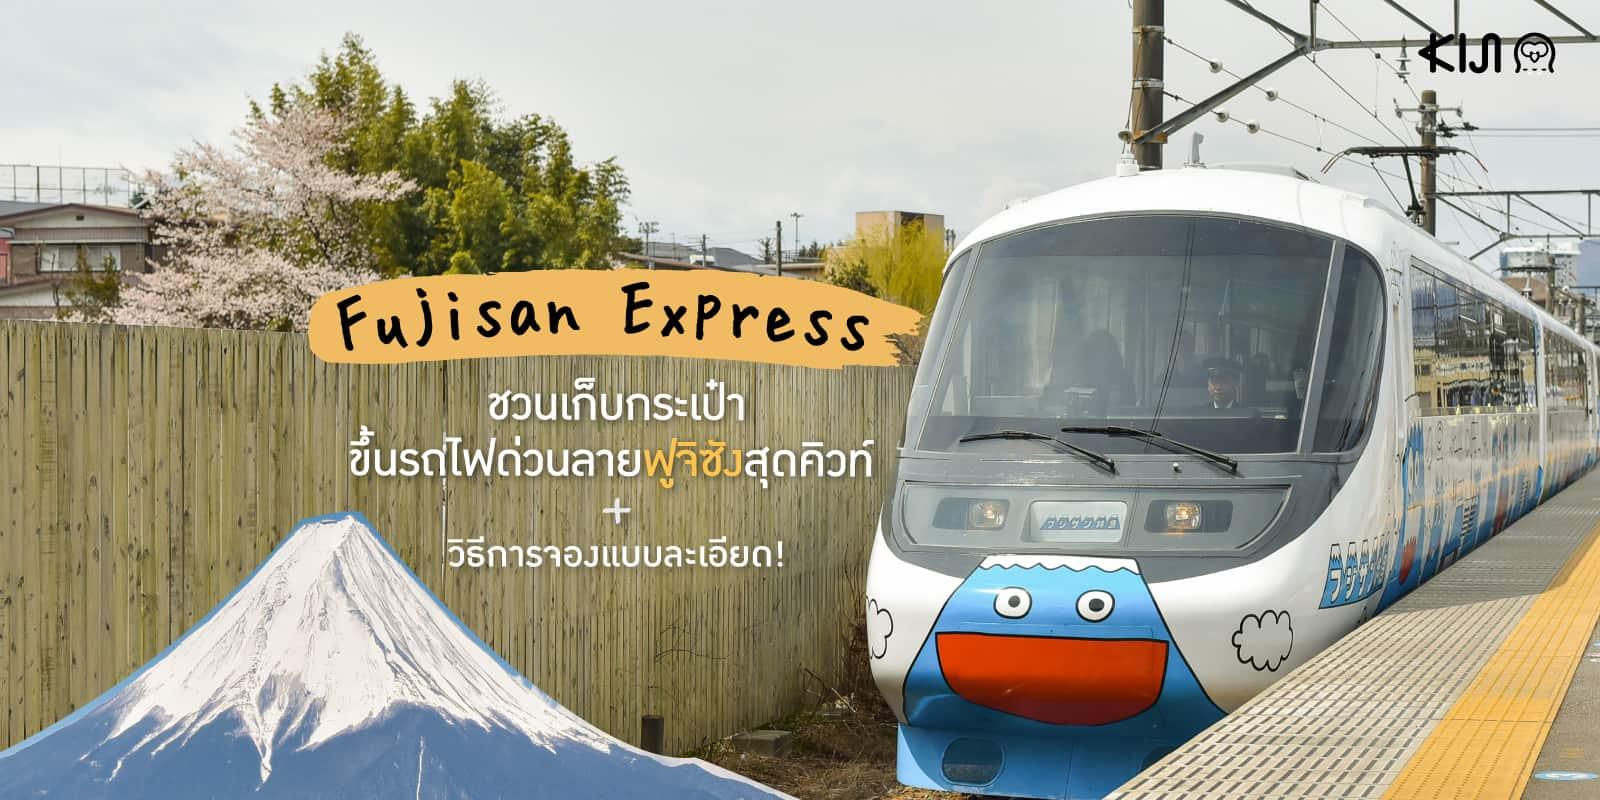 ไปภูเขาไฟฟูจิด้วย Fujisan Express